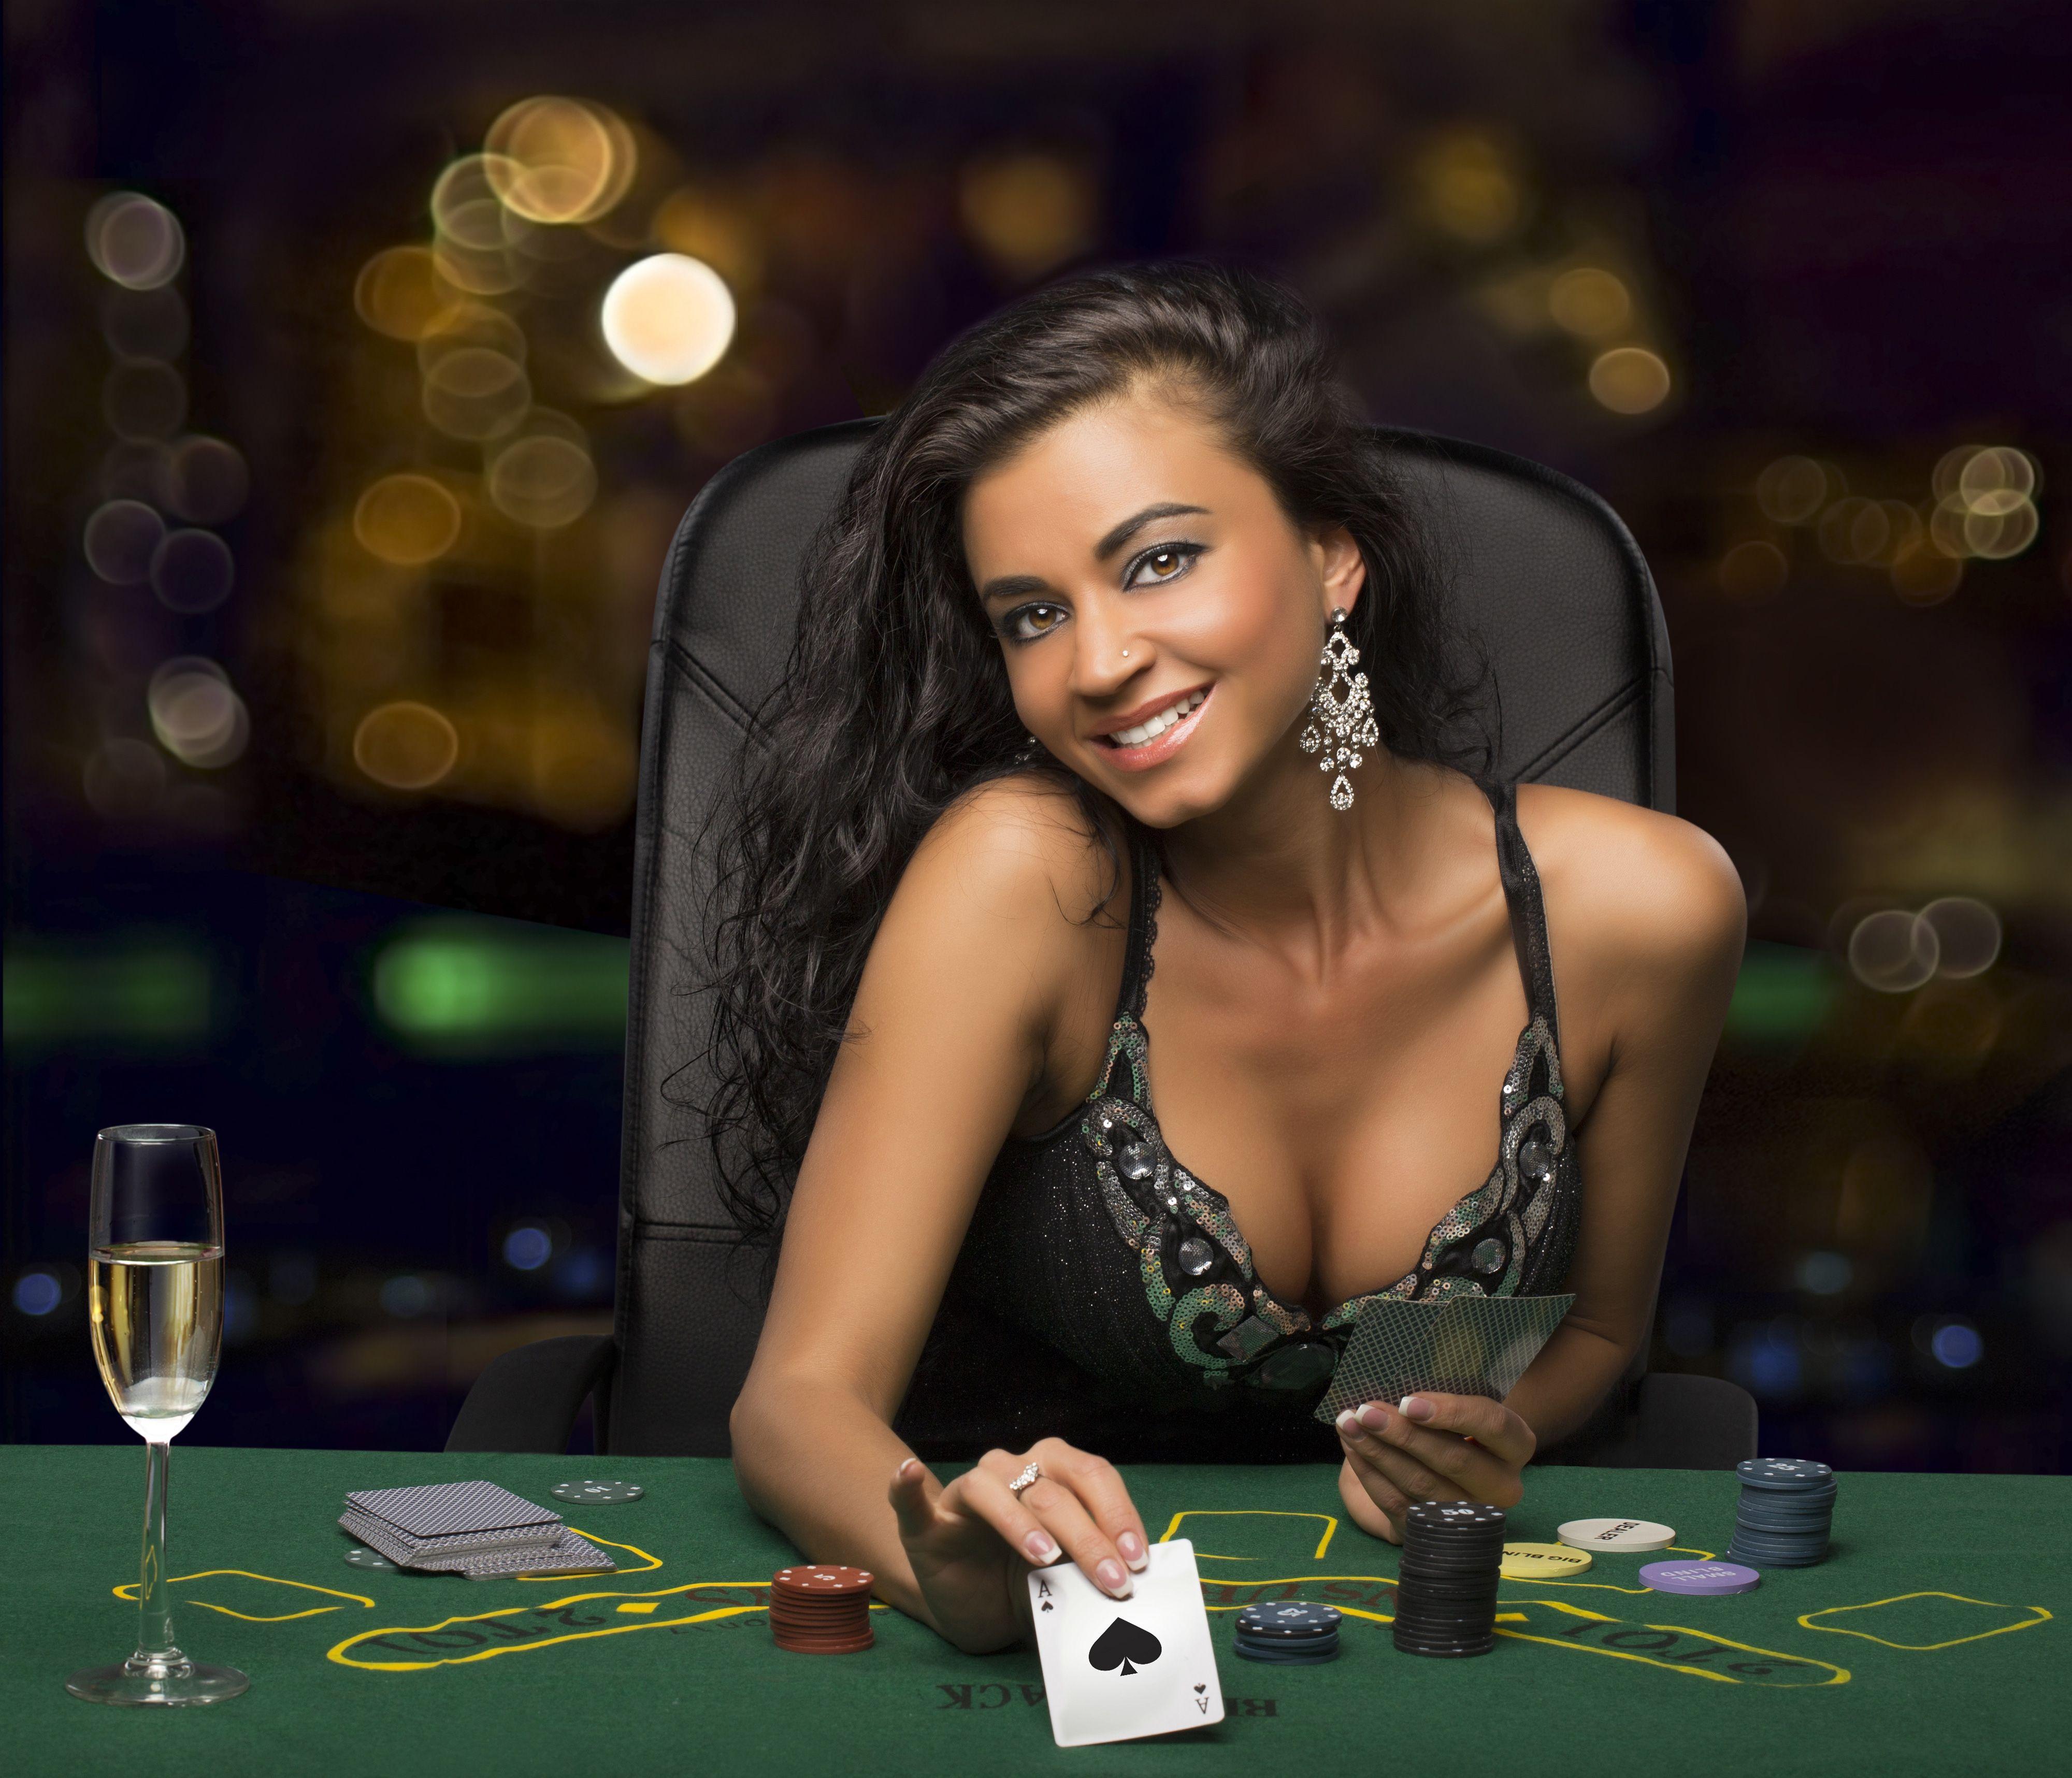 Красивое онлайн казино хочу работать в казино на лайнерах